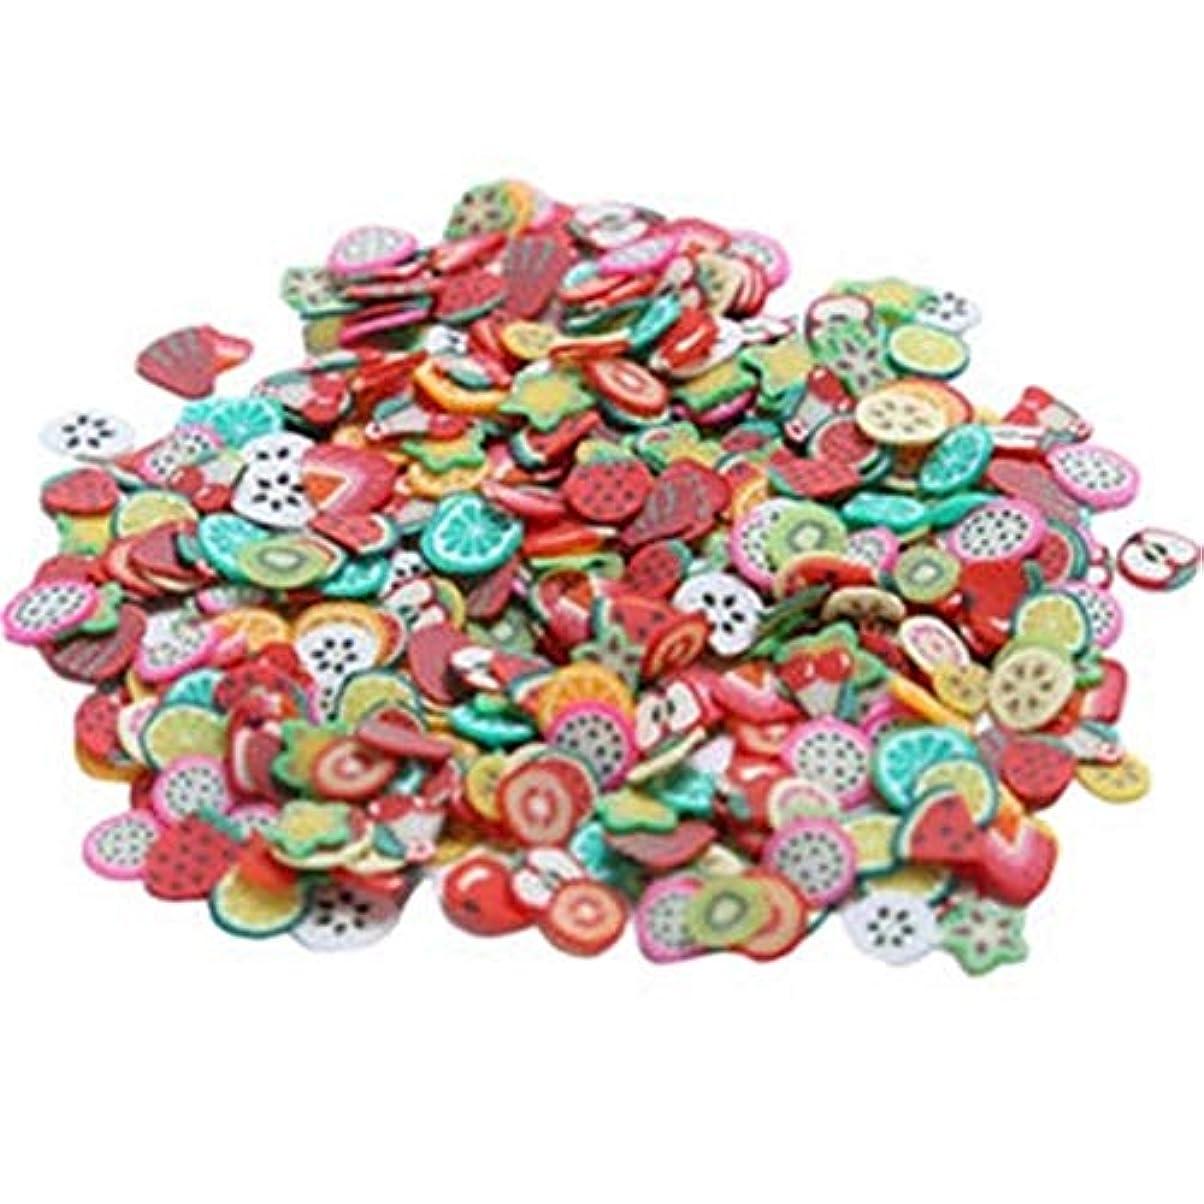 腹大聖堂サッカーネイルステッカー ネイルアート 1000個 ネイルデコレーション 多色 フルーツ かわいい オシャレ